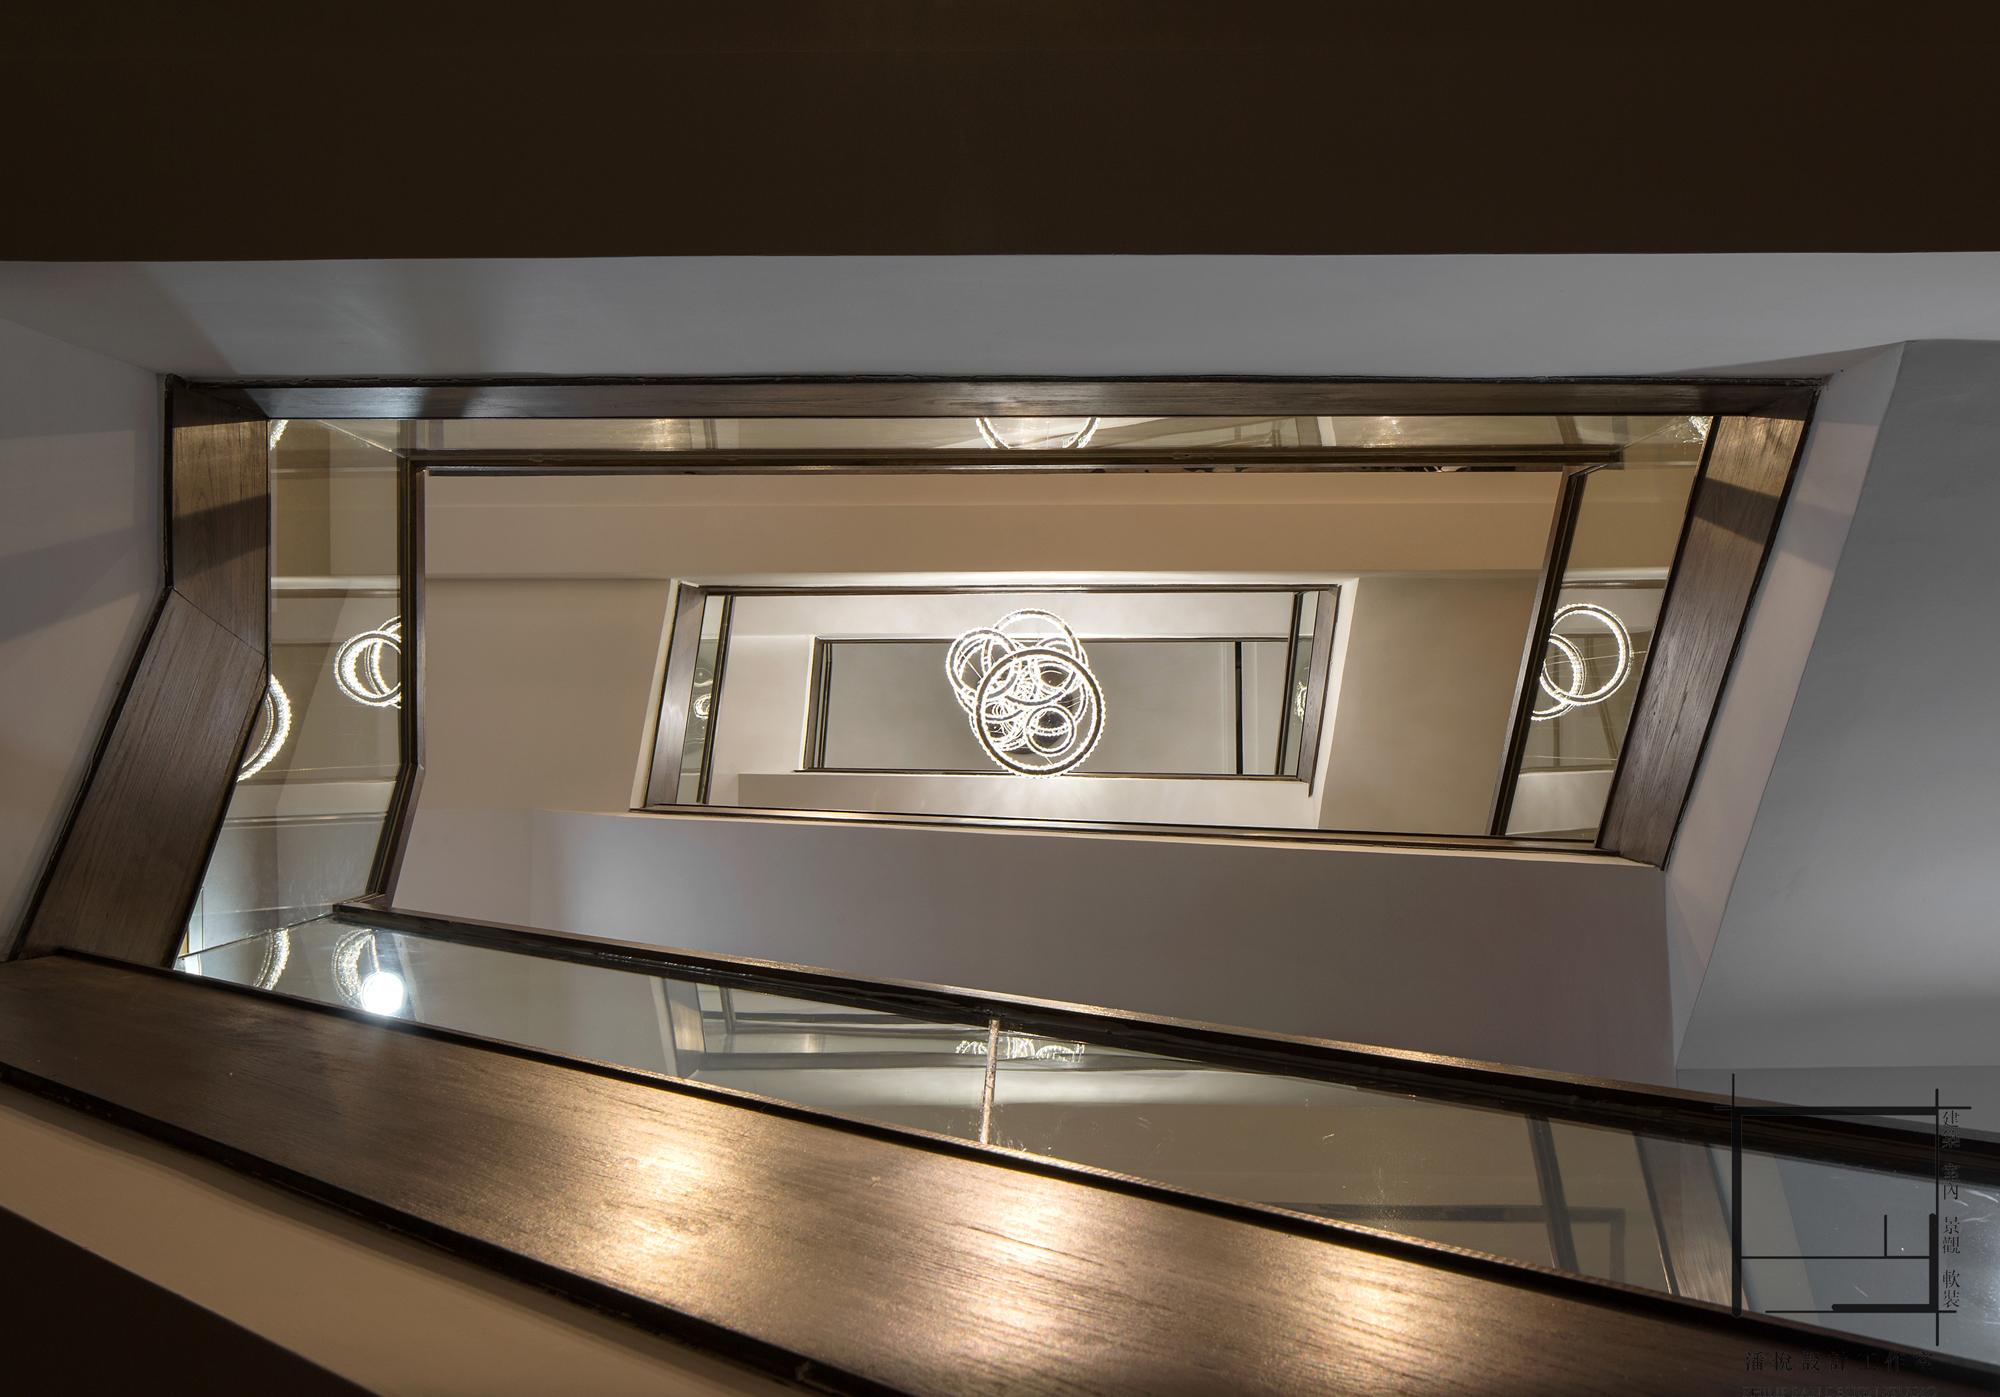 简约 混搭 别墅 小资 楼梯图片来自潘悦设计事务所在雅舍·靜生活-常熟信壹景天花園的分享